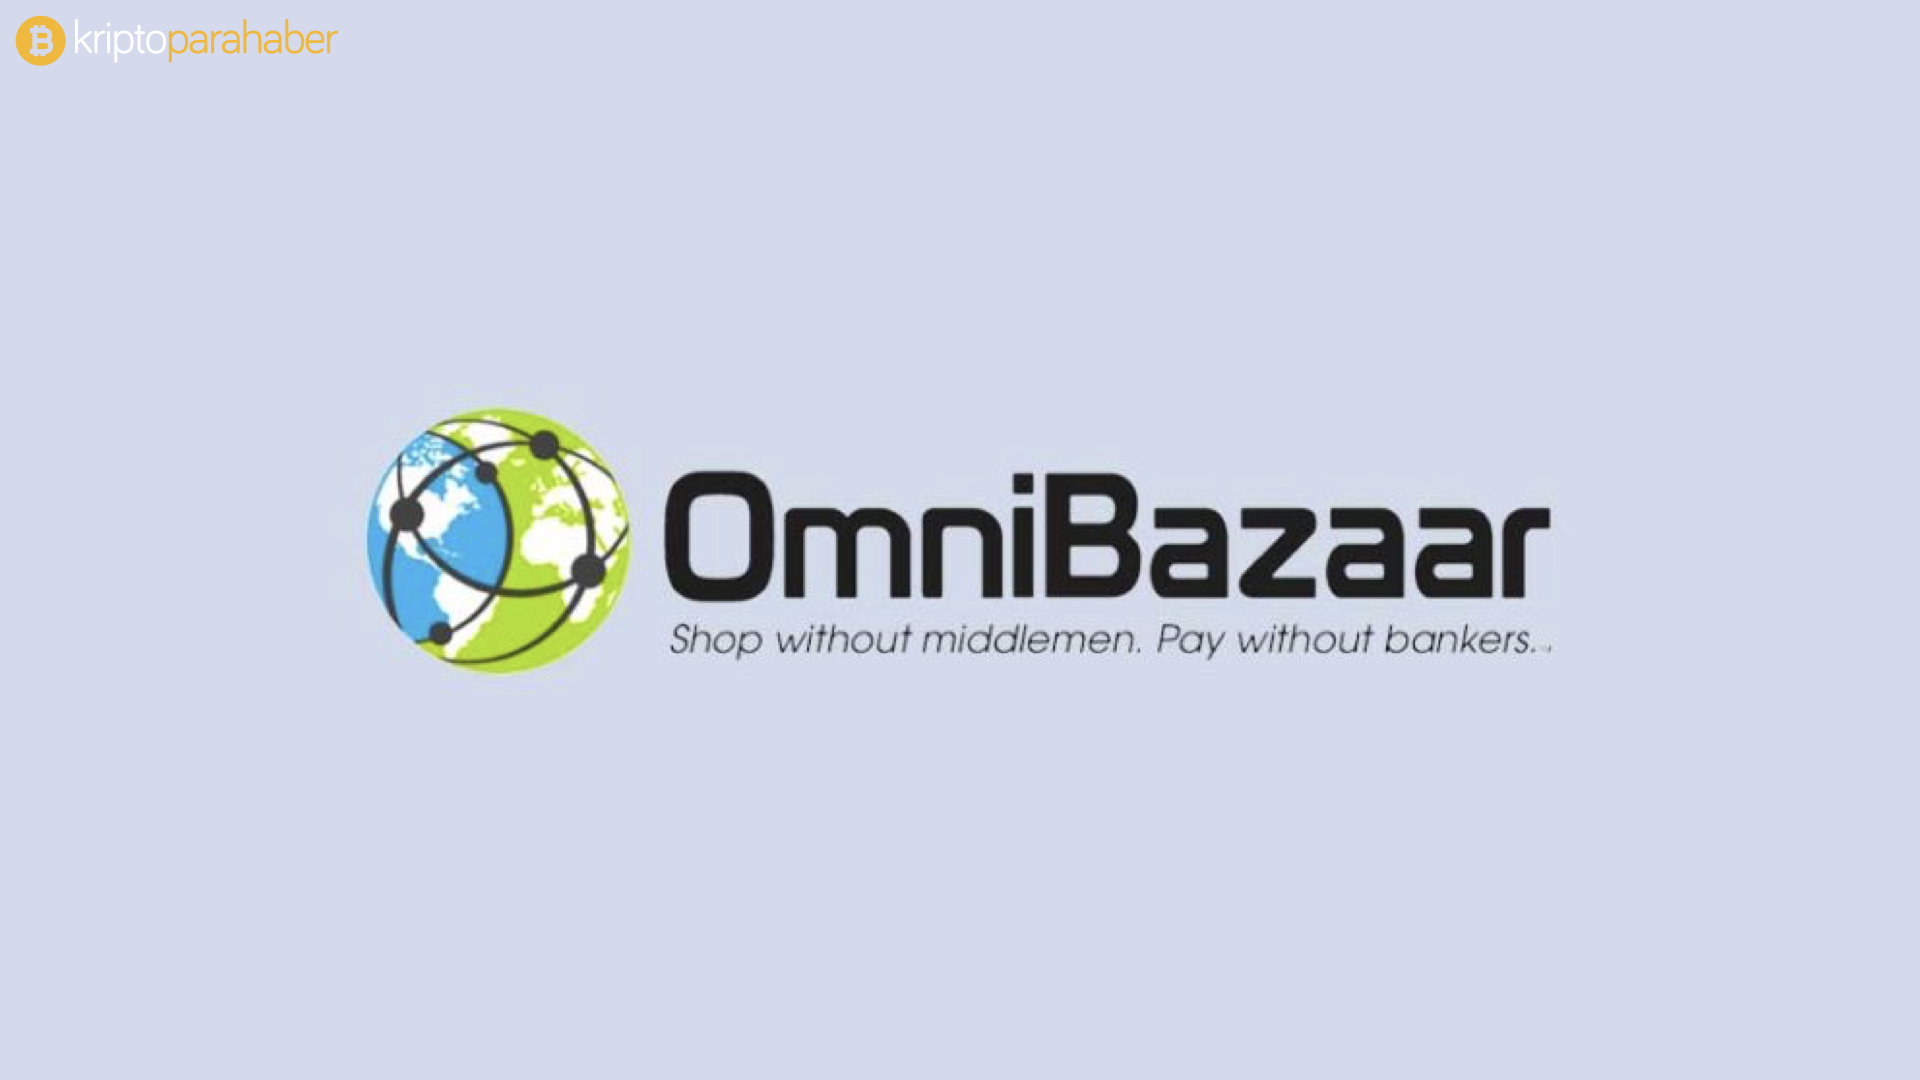 OmniBazaar